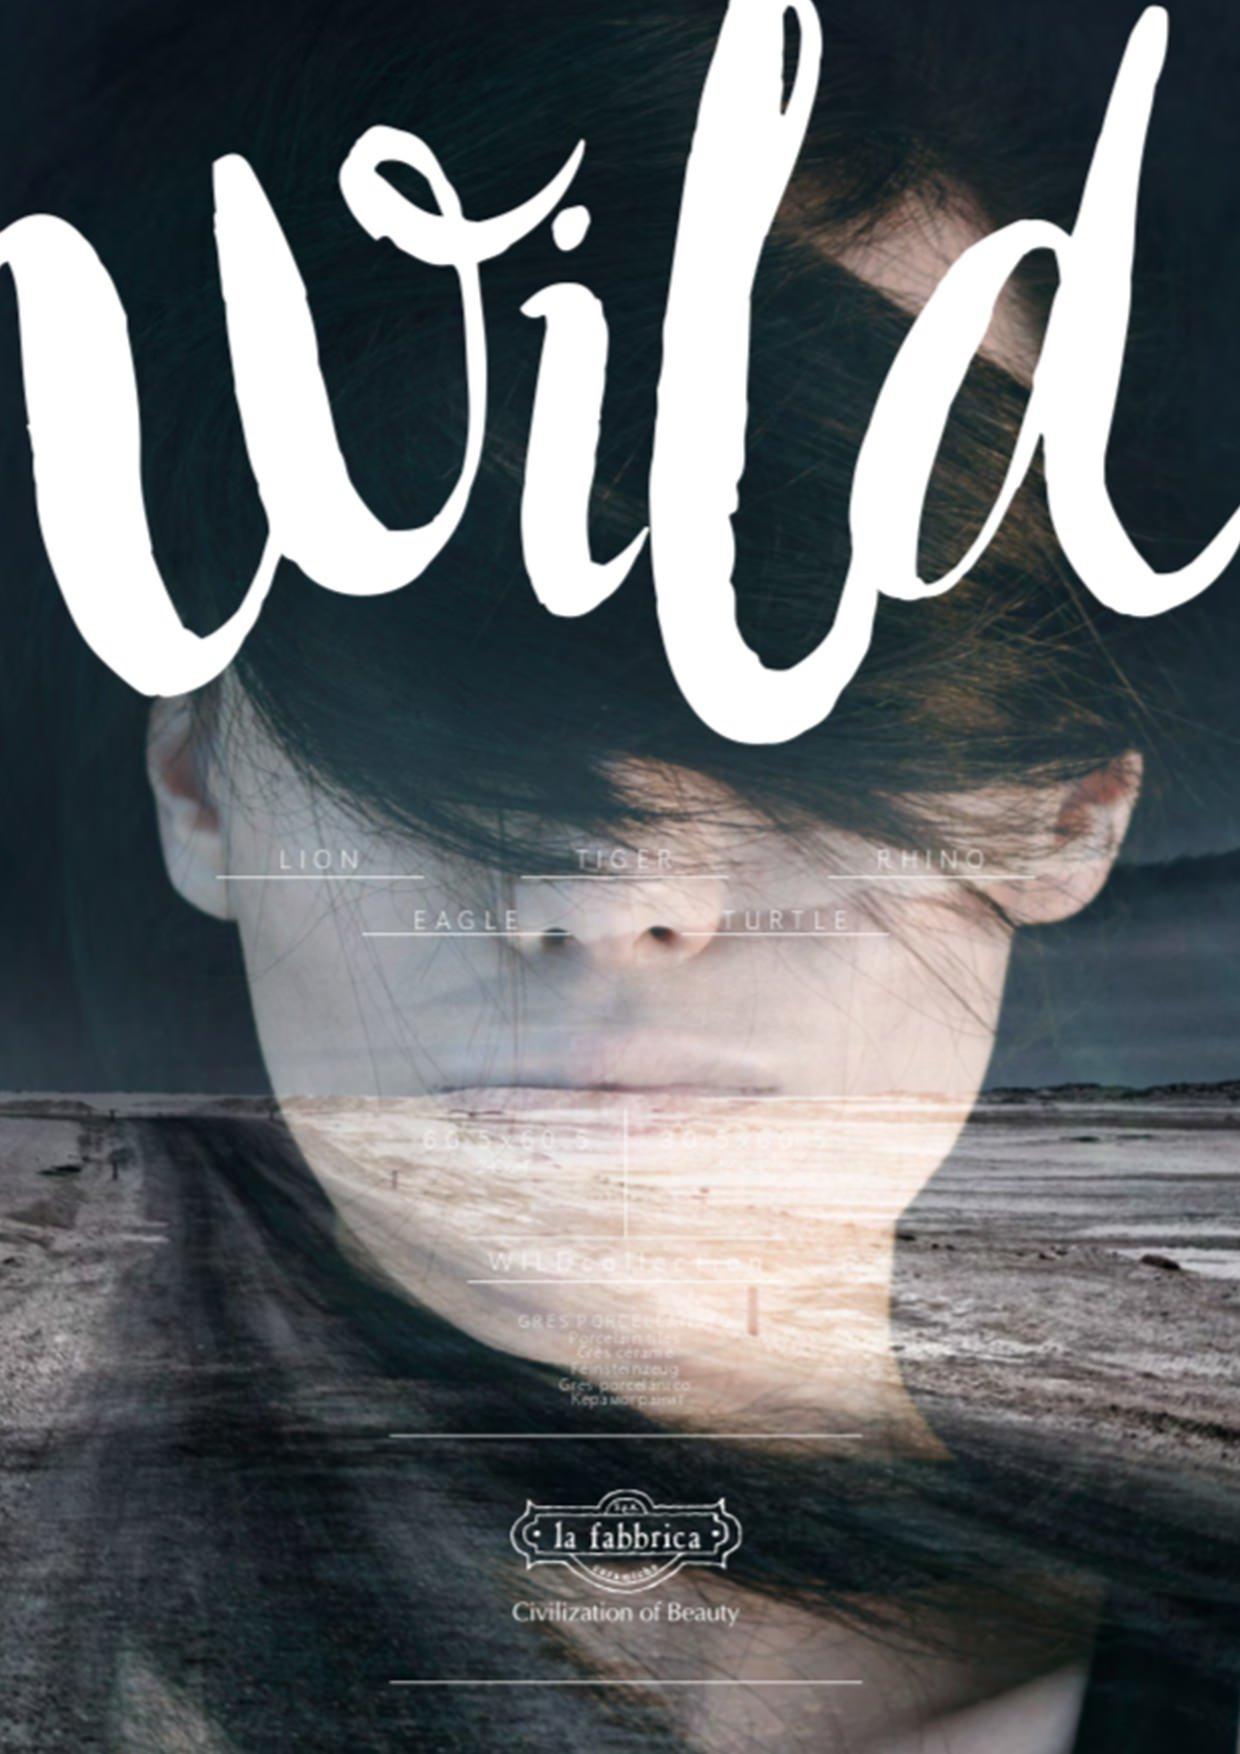 La Fabbrica Catalogo Wild